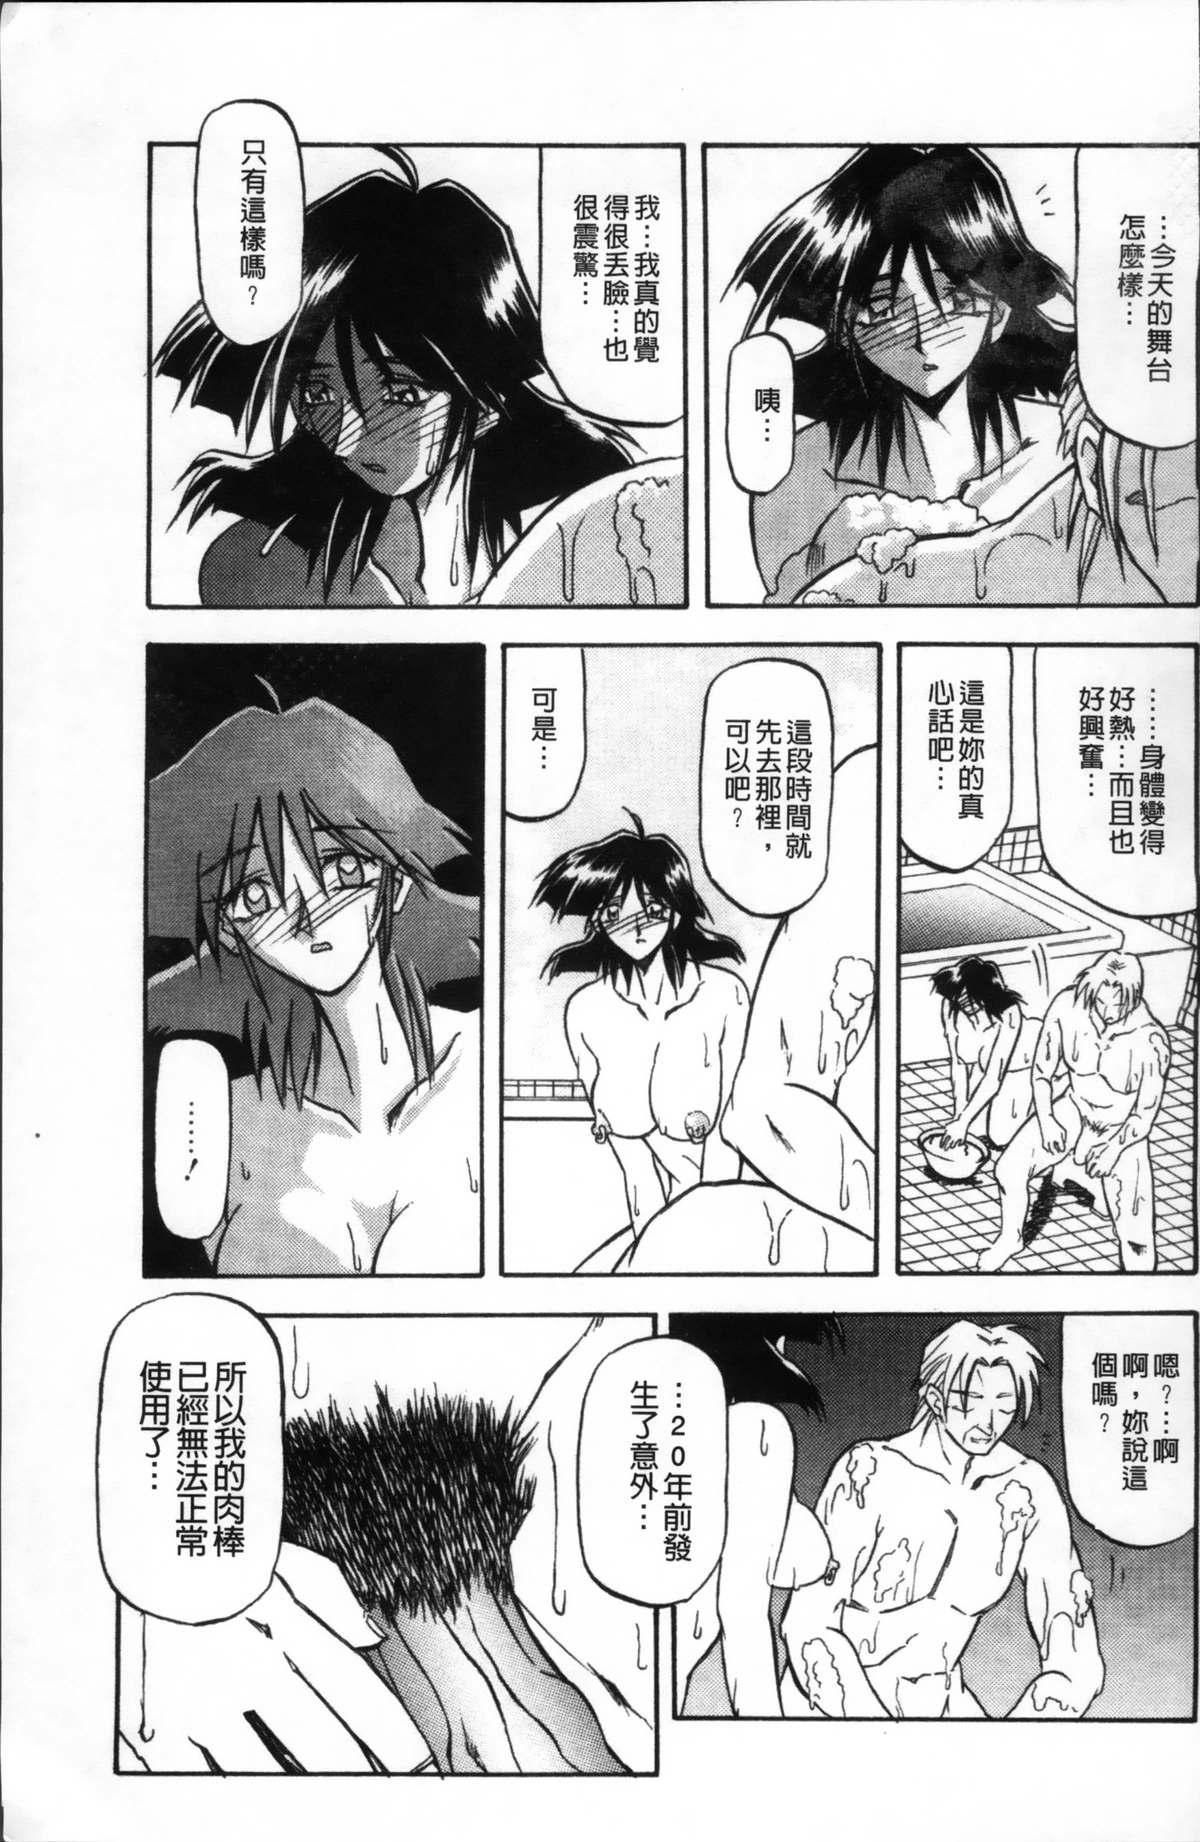 Hiiro no Koku Kanzenban   緋色之刻 完全版 228